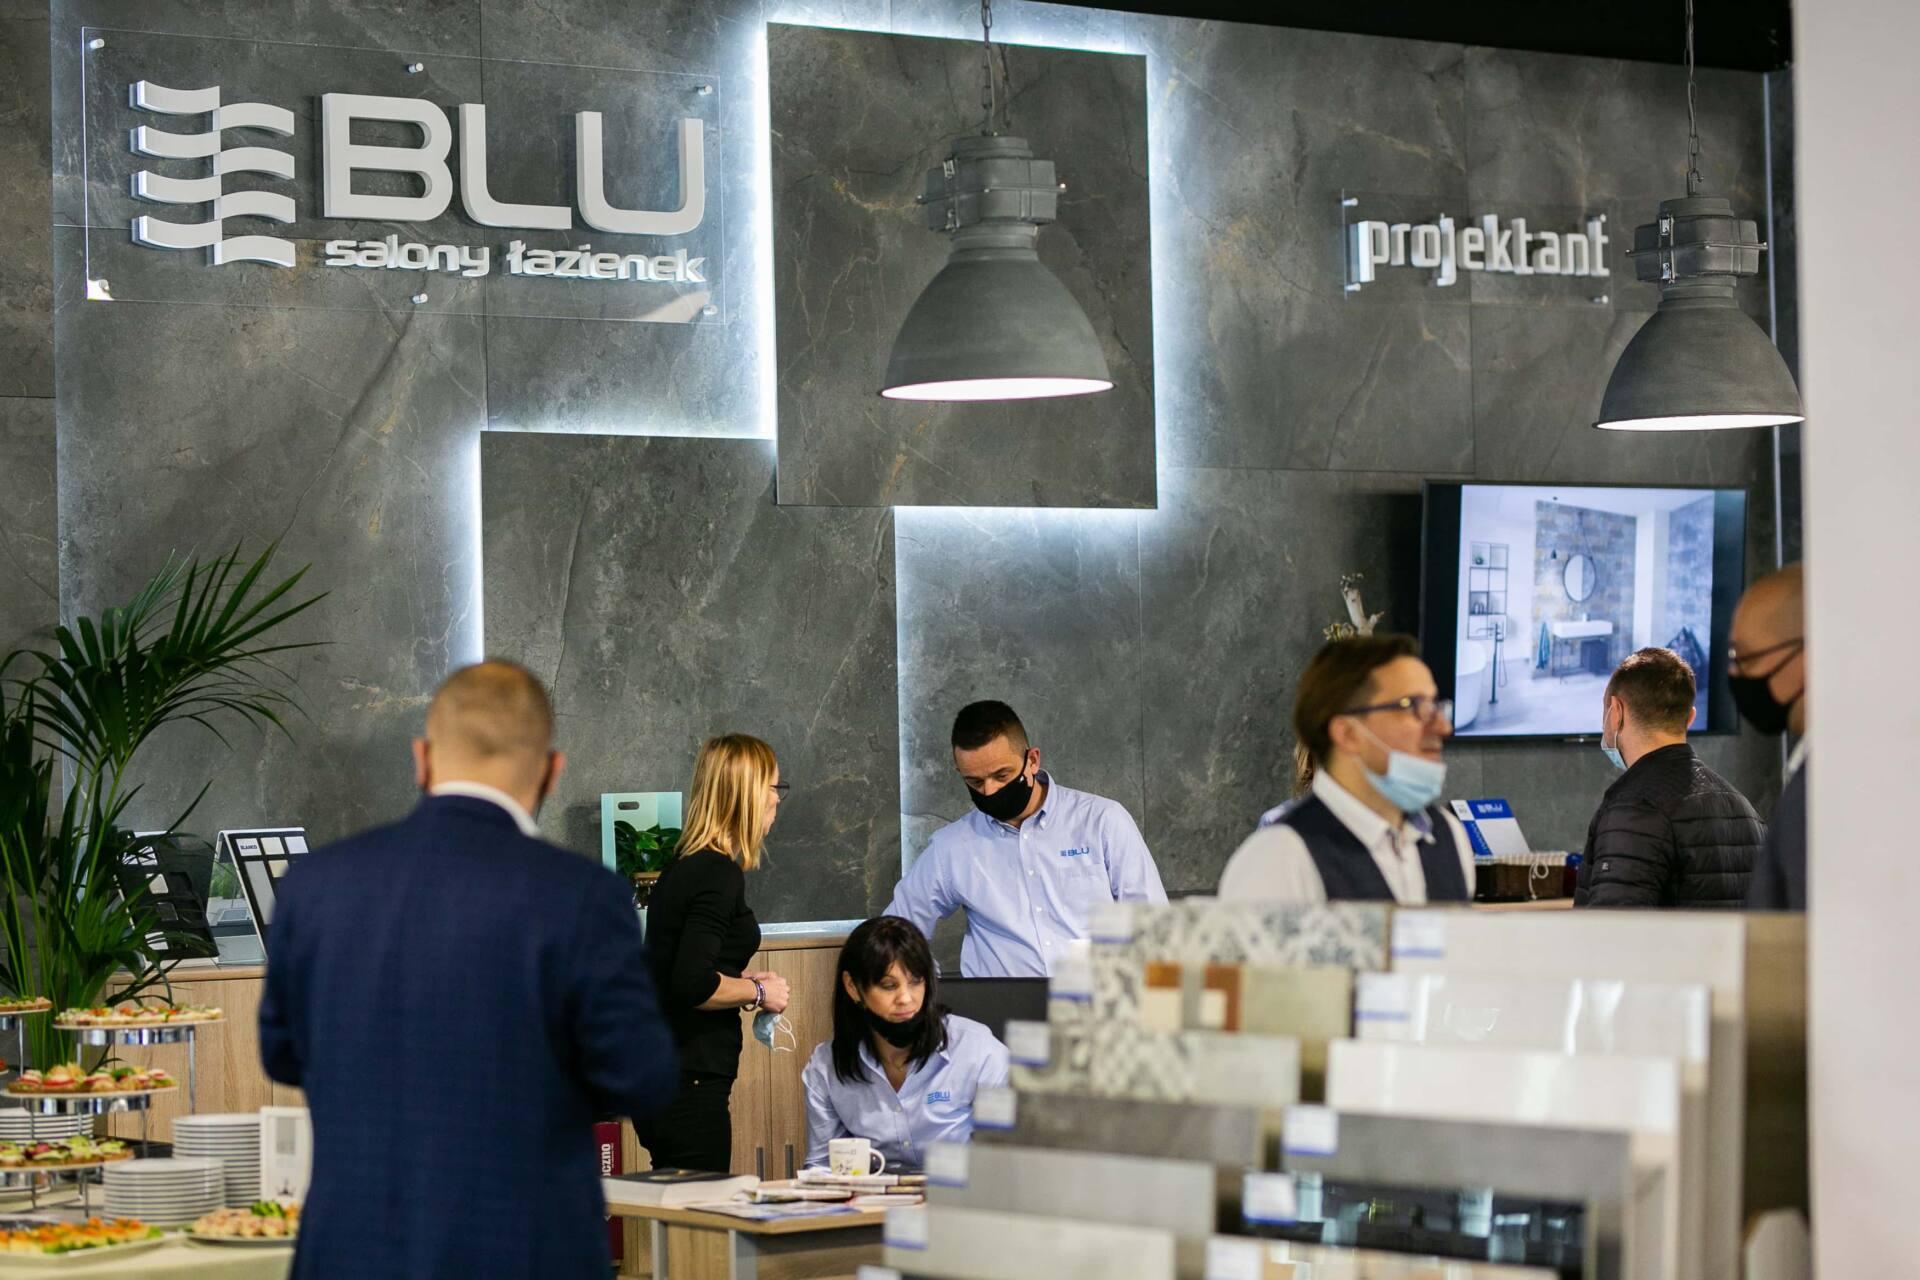 5db 5545 Nowy salon łazienek BLU w Zamościu już otwarty! Publikujemy 80 zdjęć